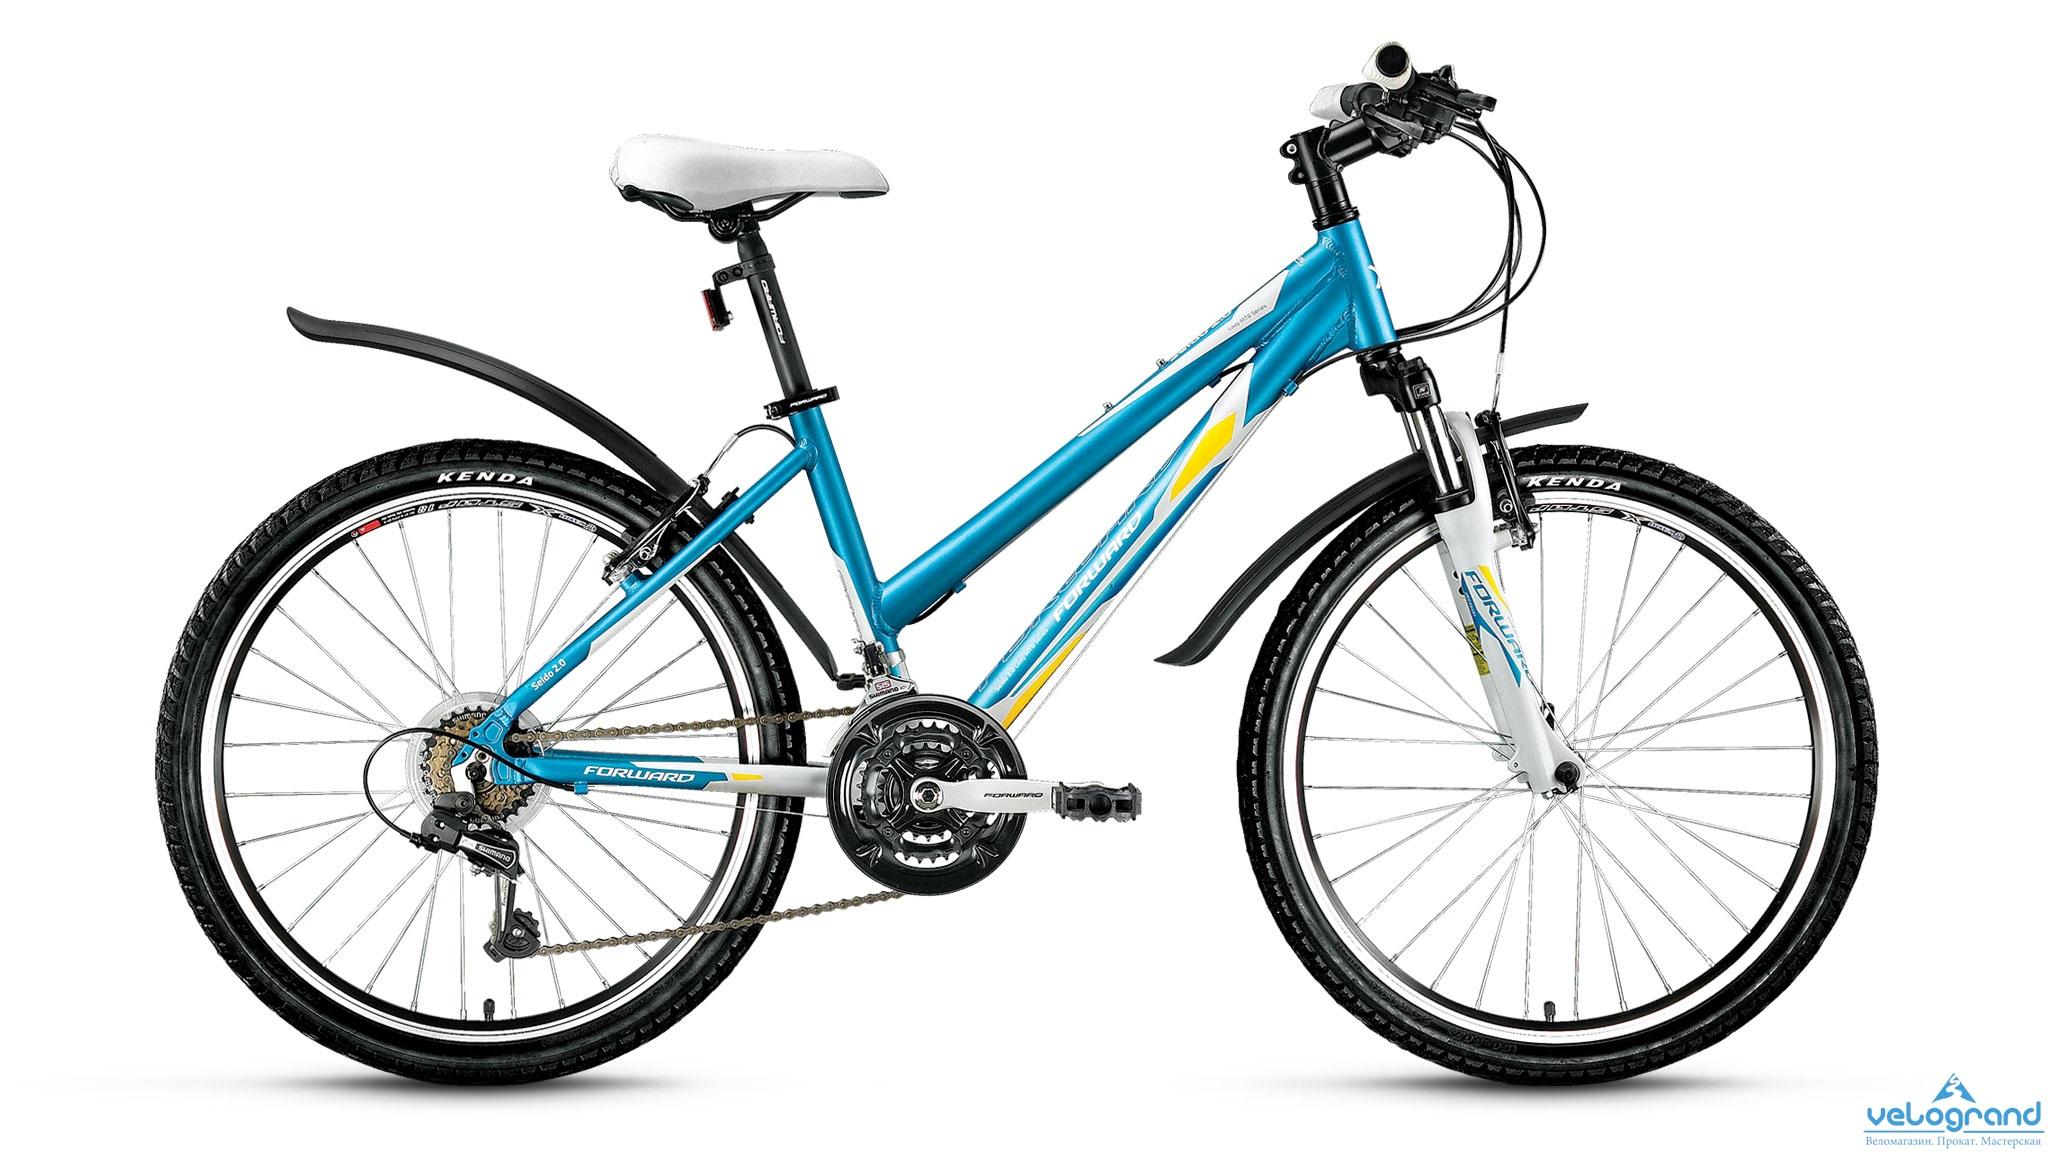 Подростковый велосипед Forward Seido 2.0 (2016), Цвет Голубой, Размер 15 от Velogrand